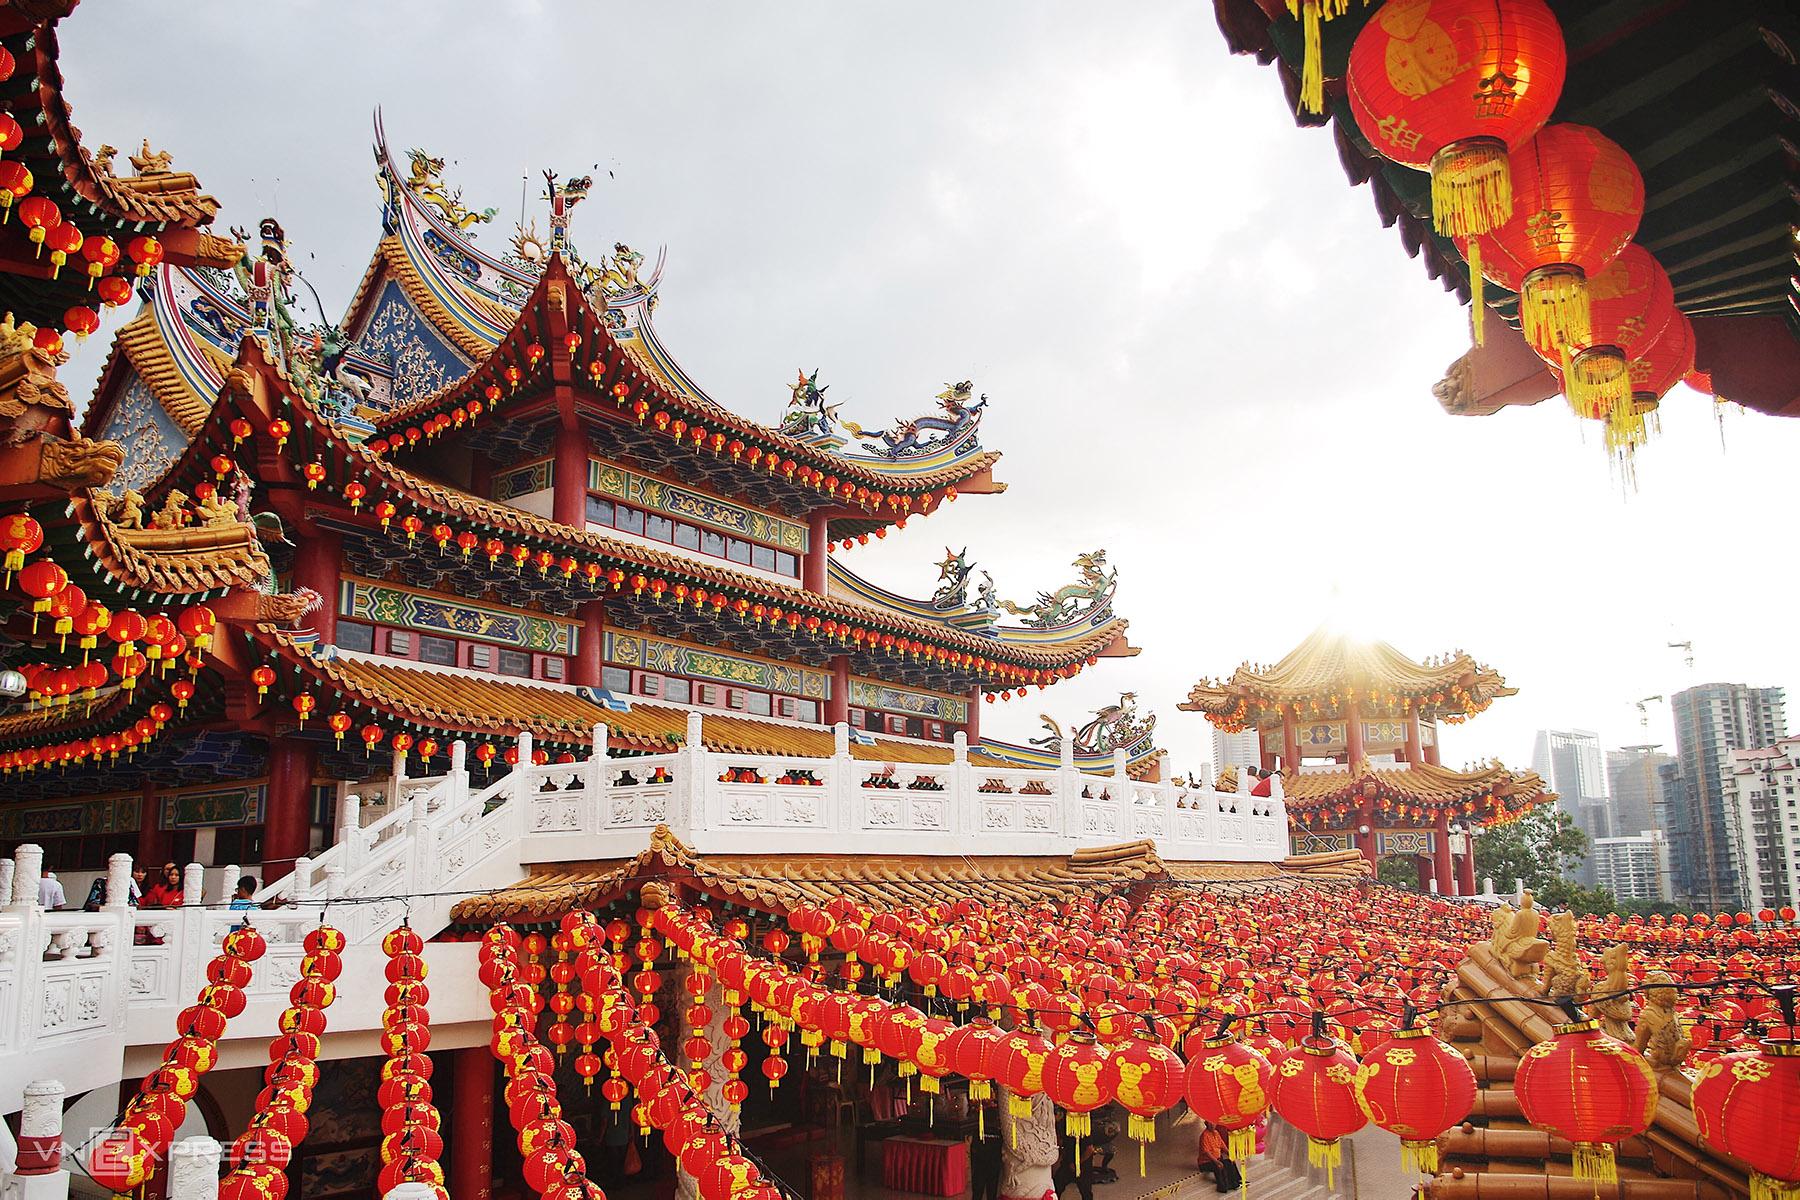 Chùa Thiên Hậu lớn nhất Đông Nam Á - VnExpress Du lịch